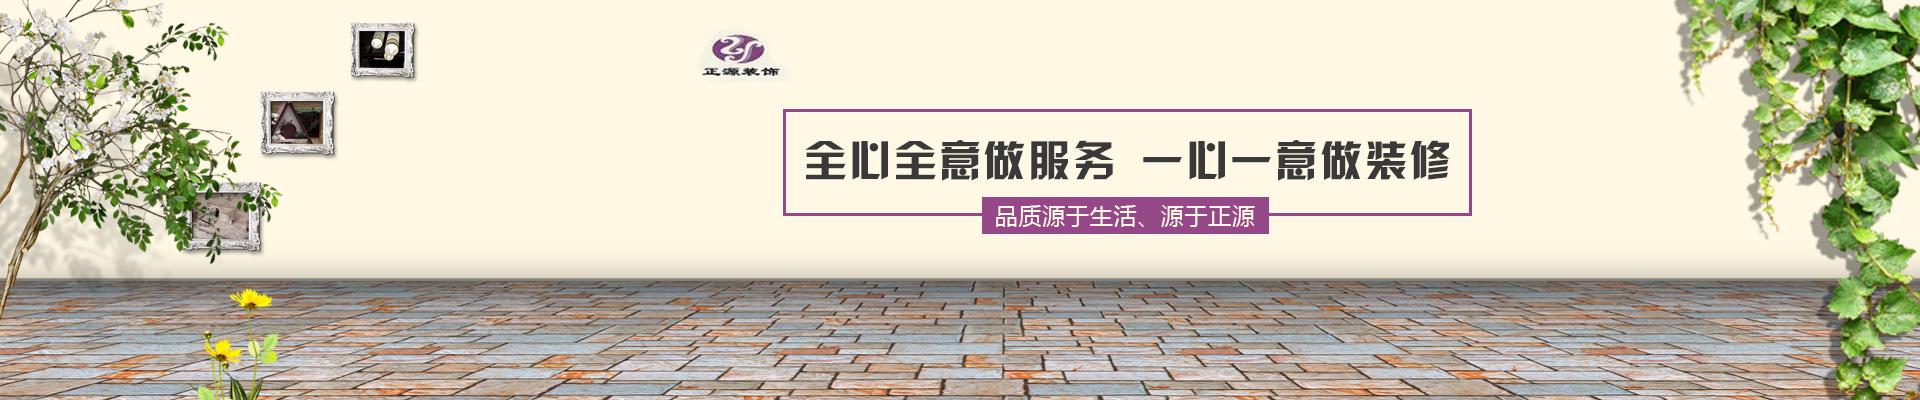 遂宁正源建筑装饰工程有限公司